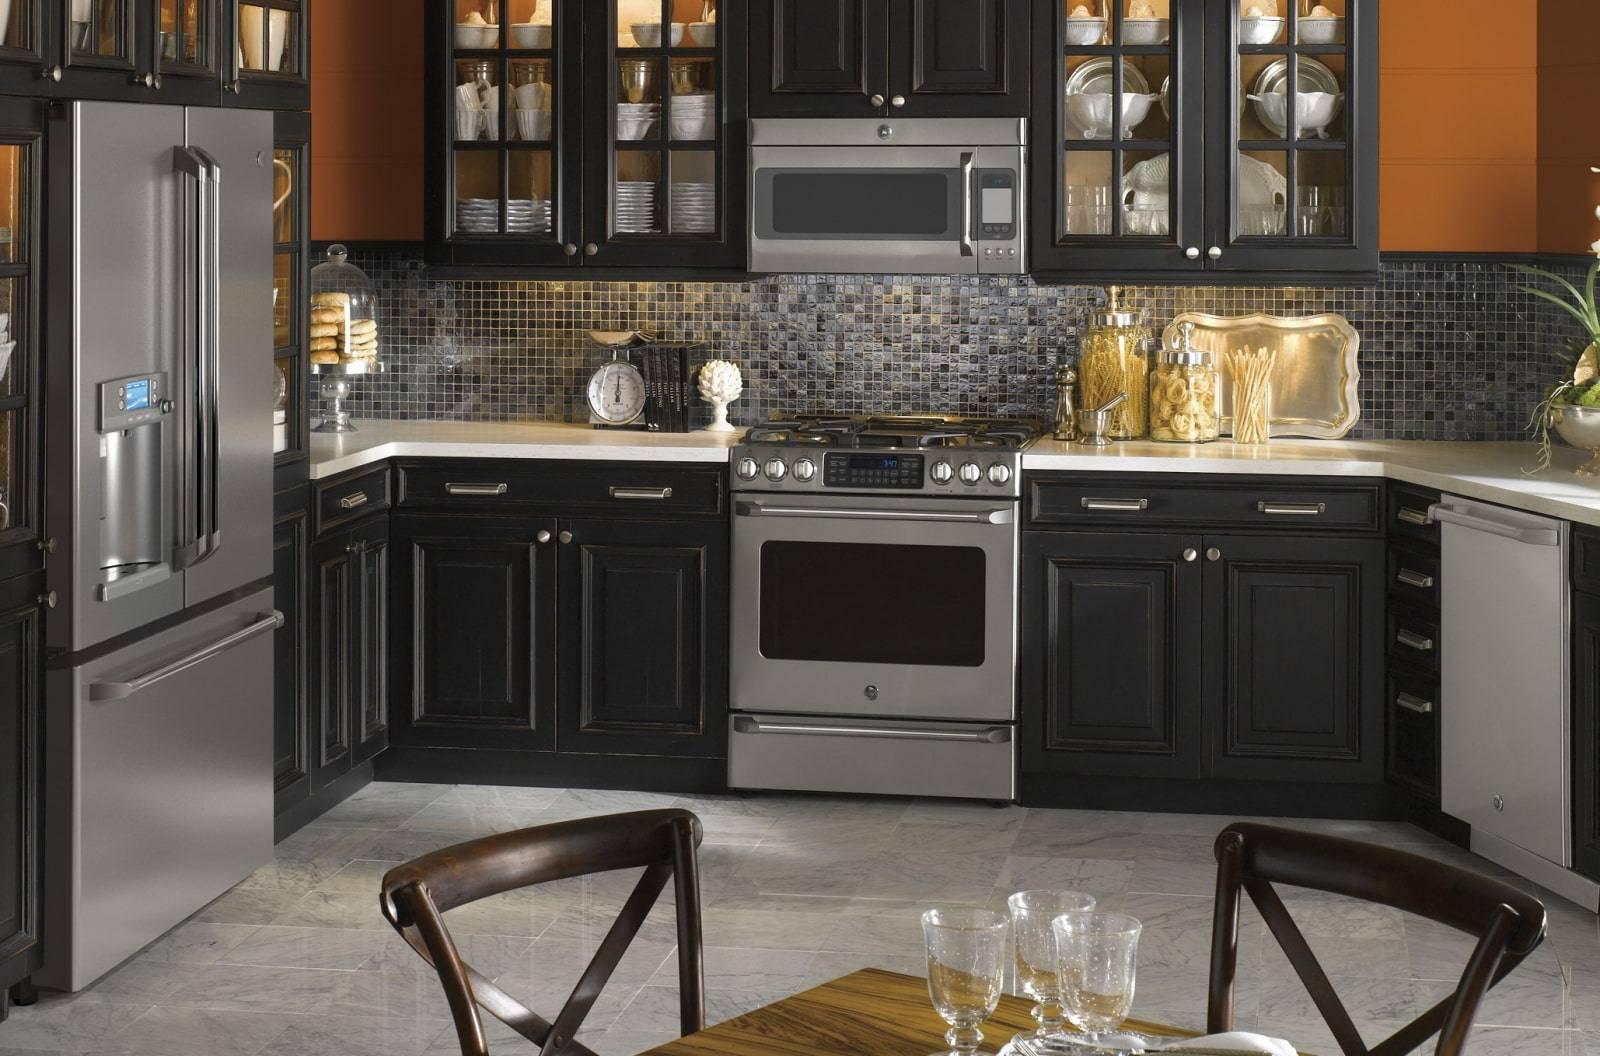 Темная кухня: фото реальные интерьеров кухни в темном цвете